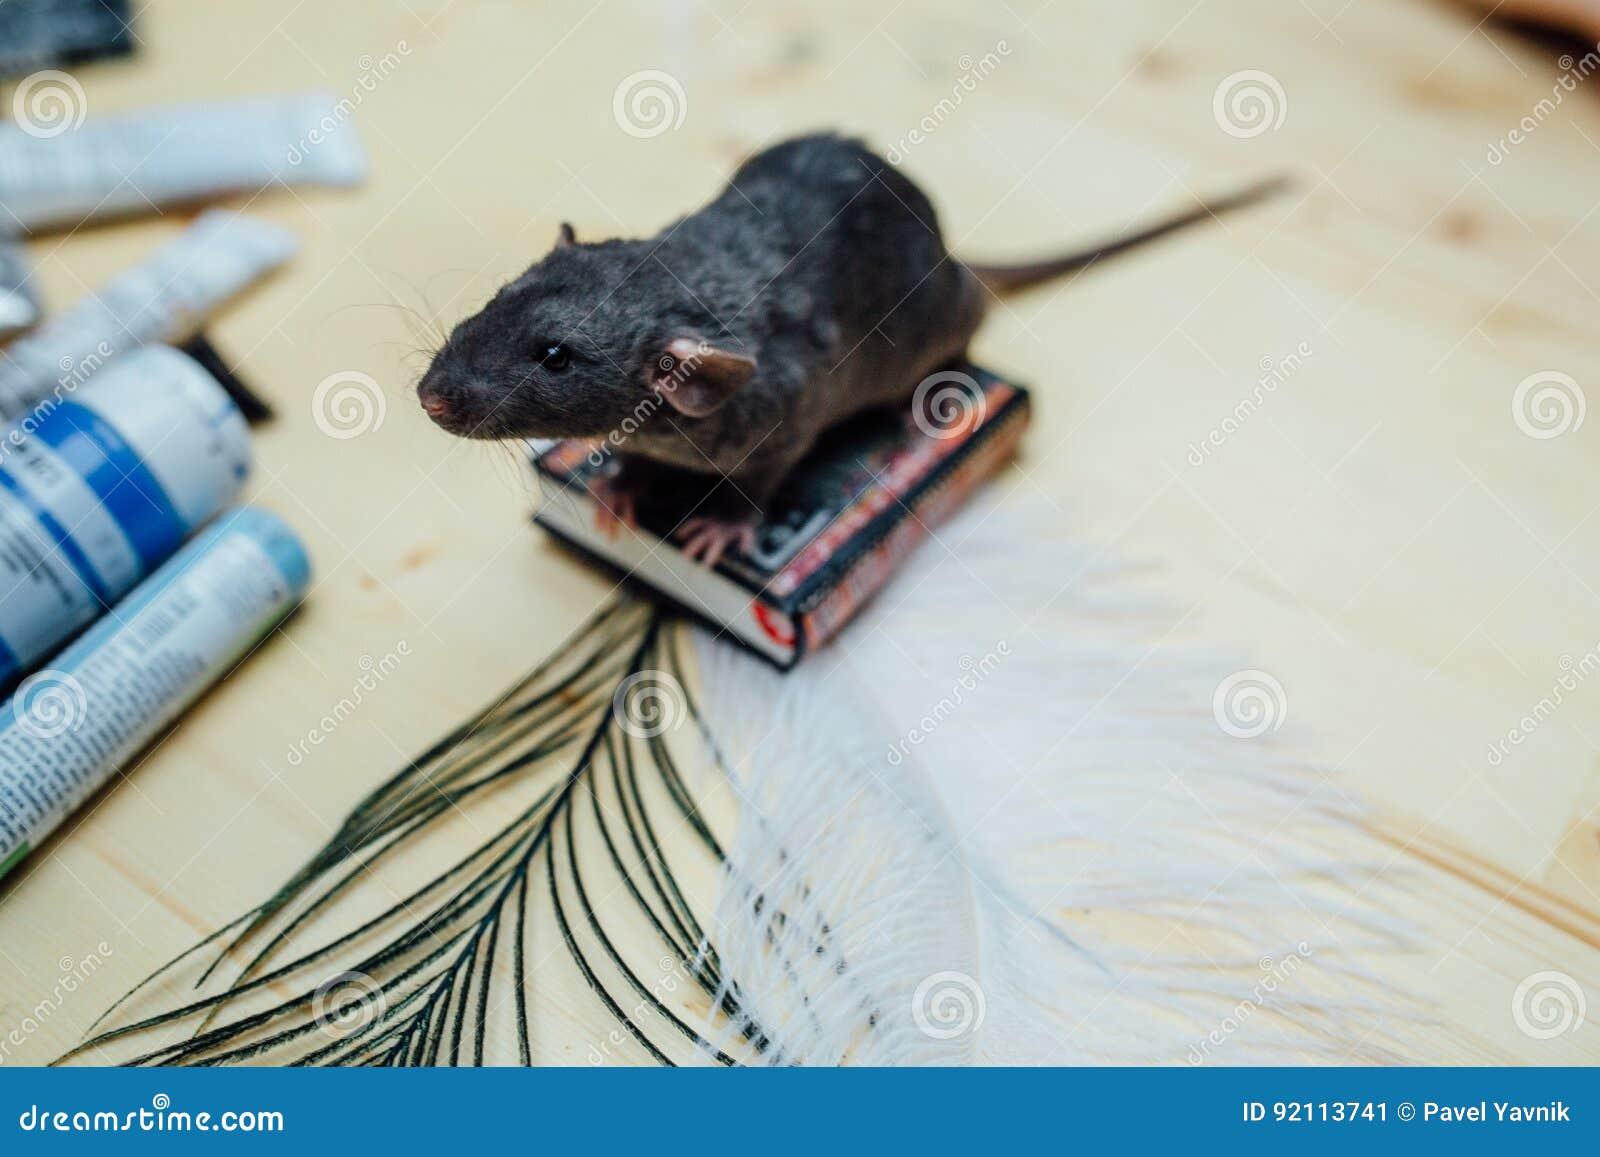 Милая смешная курчавая крыса щенка сидит на миниатюрной книге на деревянном столе с пером , крупный план